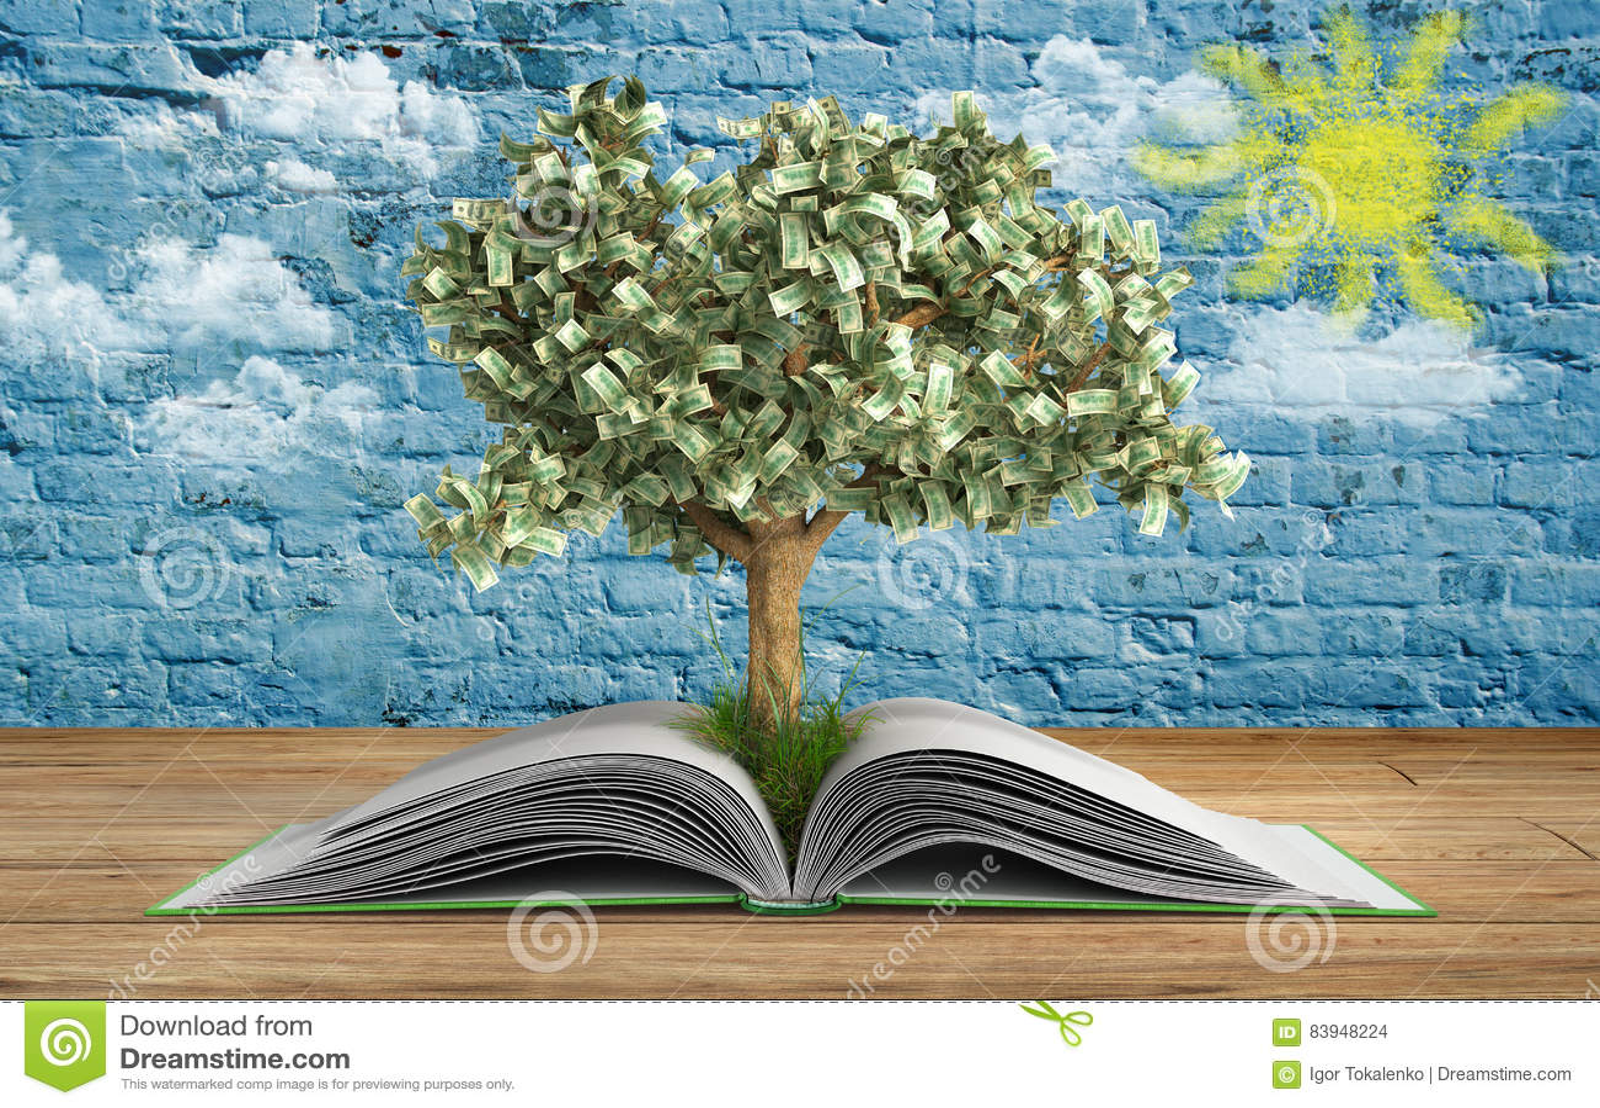 Η ανάπτυξη δέντρων από το μεγάλο ανοικτό βιβλίο βιβλίων Α με την ανάγνωση δέντρων κάνει το Υ